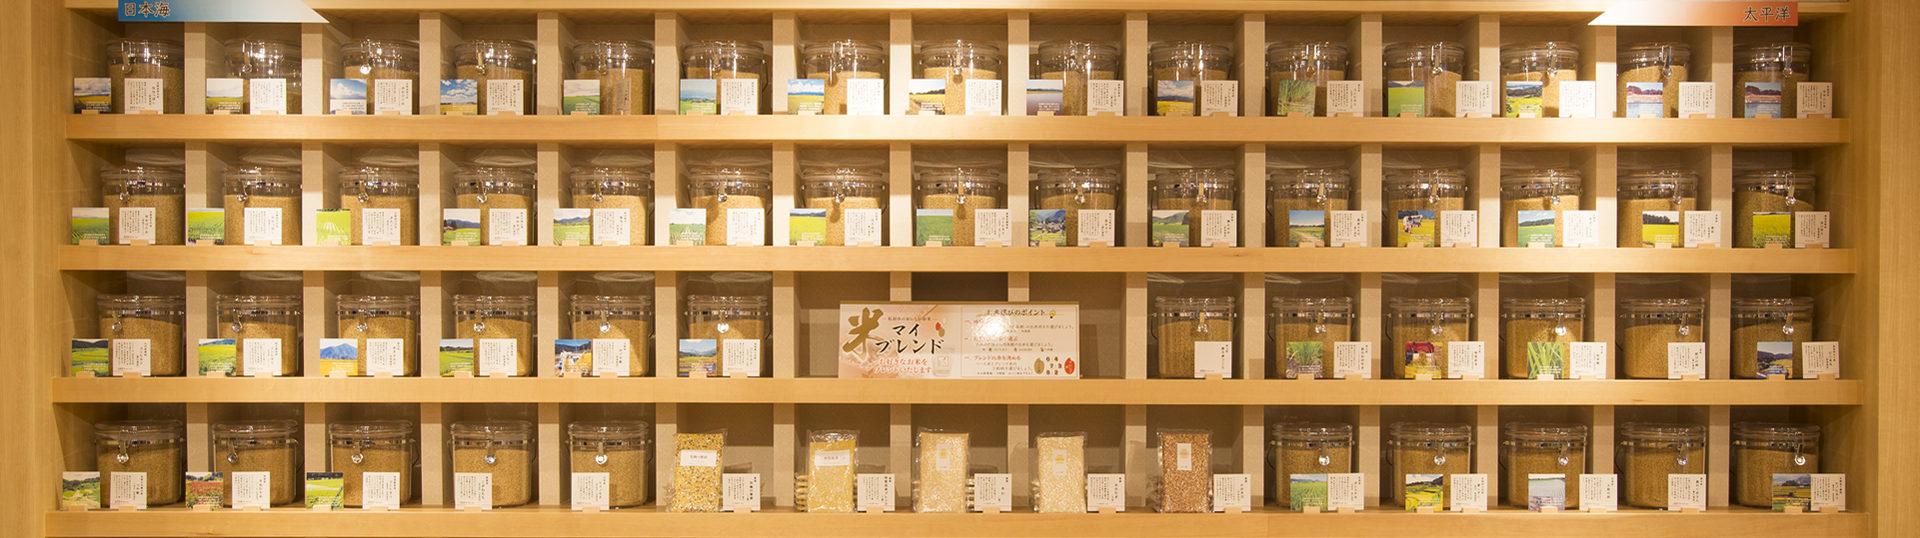 川越のお米老舗 販売・通販 | 吟撰米屋 結の蔵(ゆいのくら)